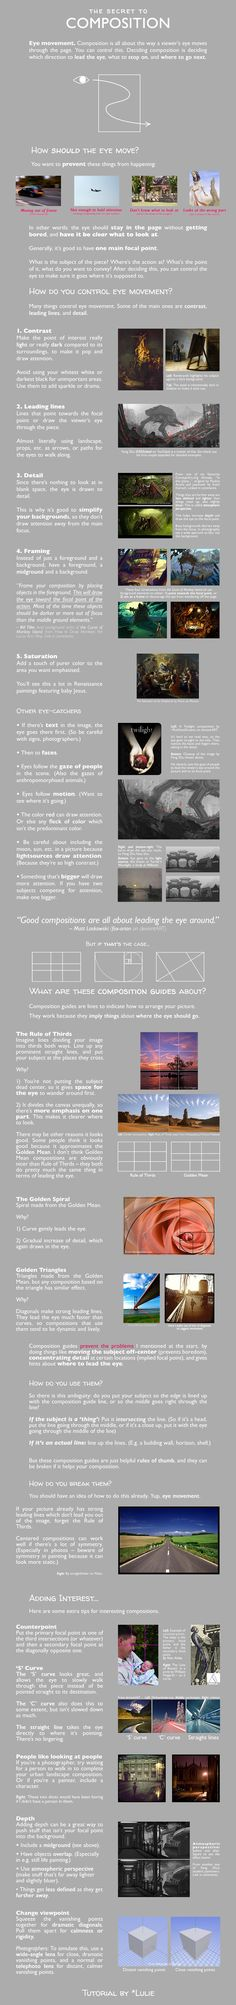 the_secret_to_composition_by_lulie-d4hyosx